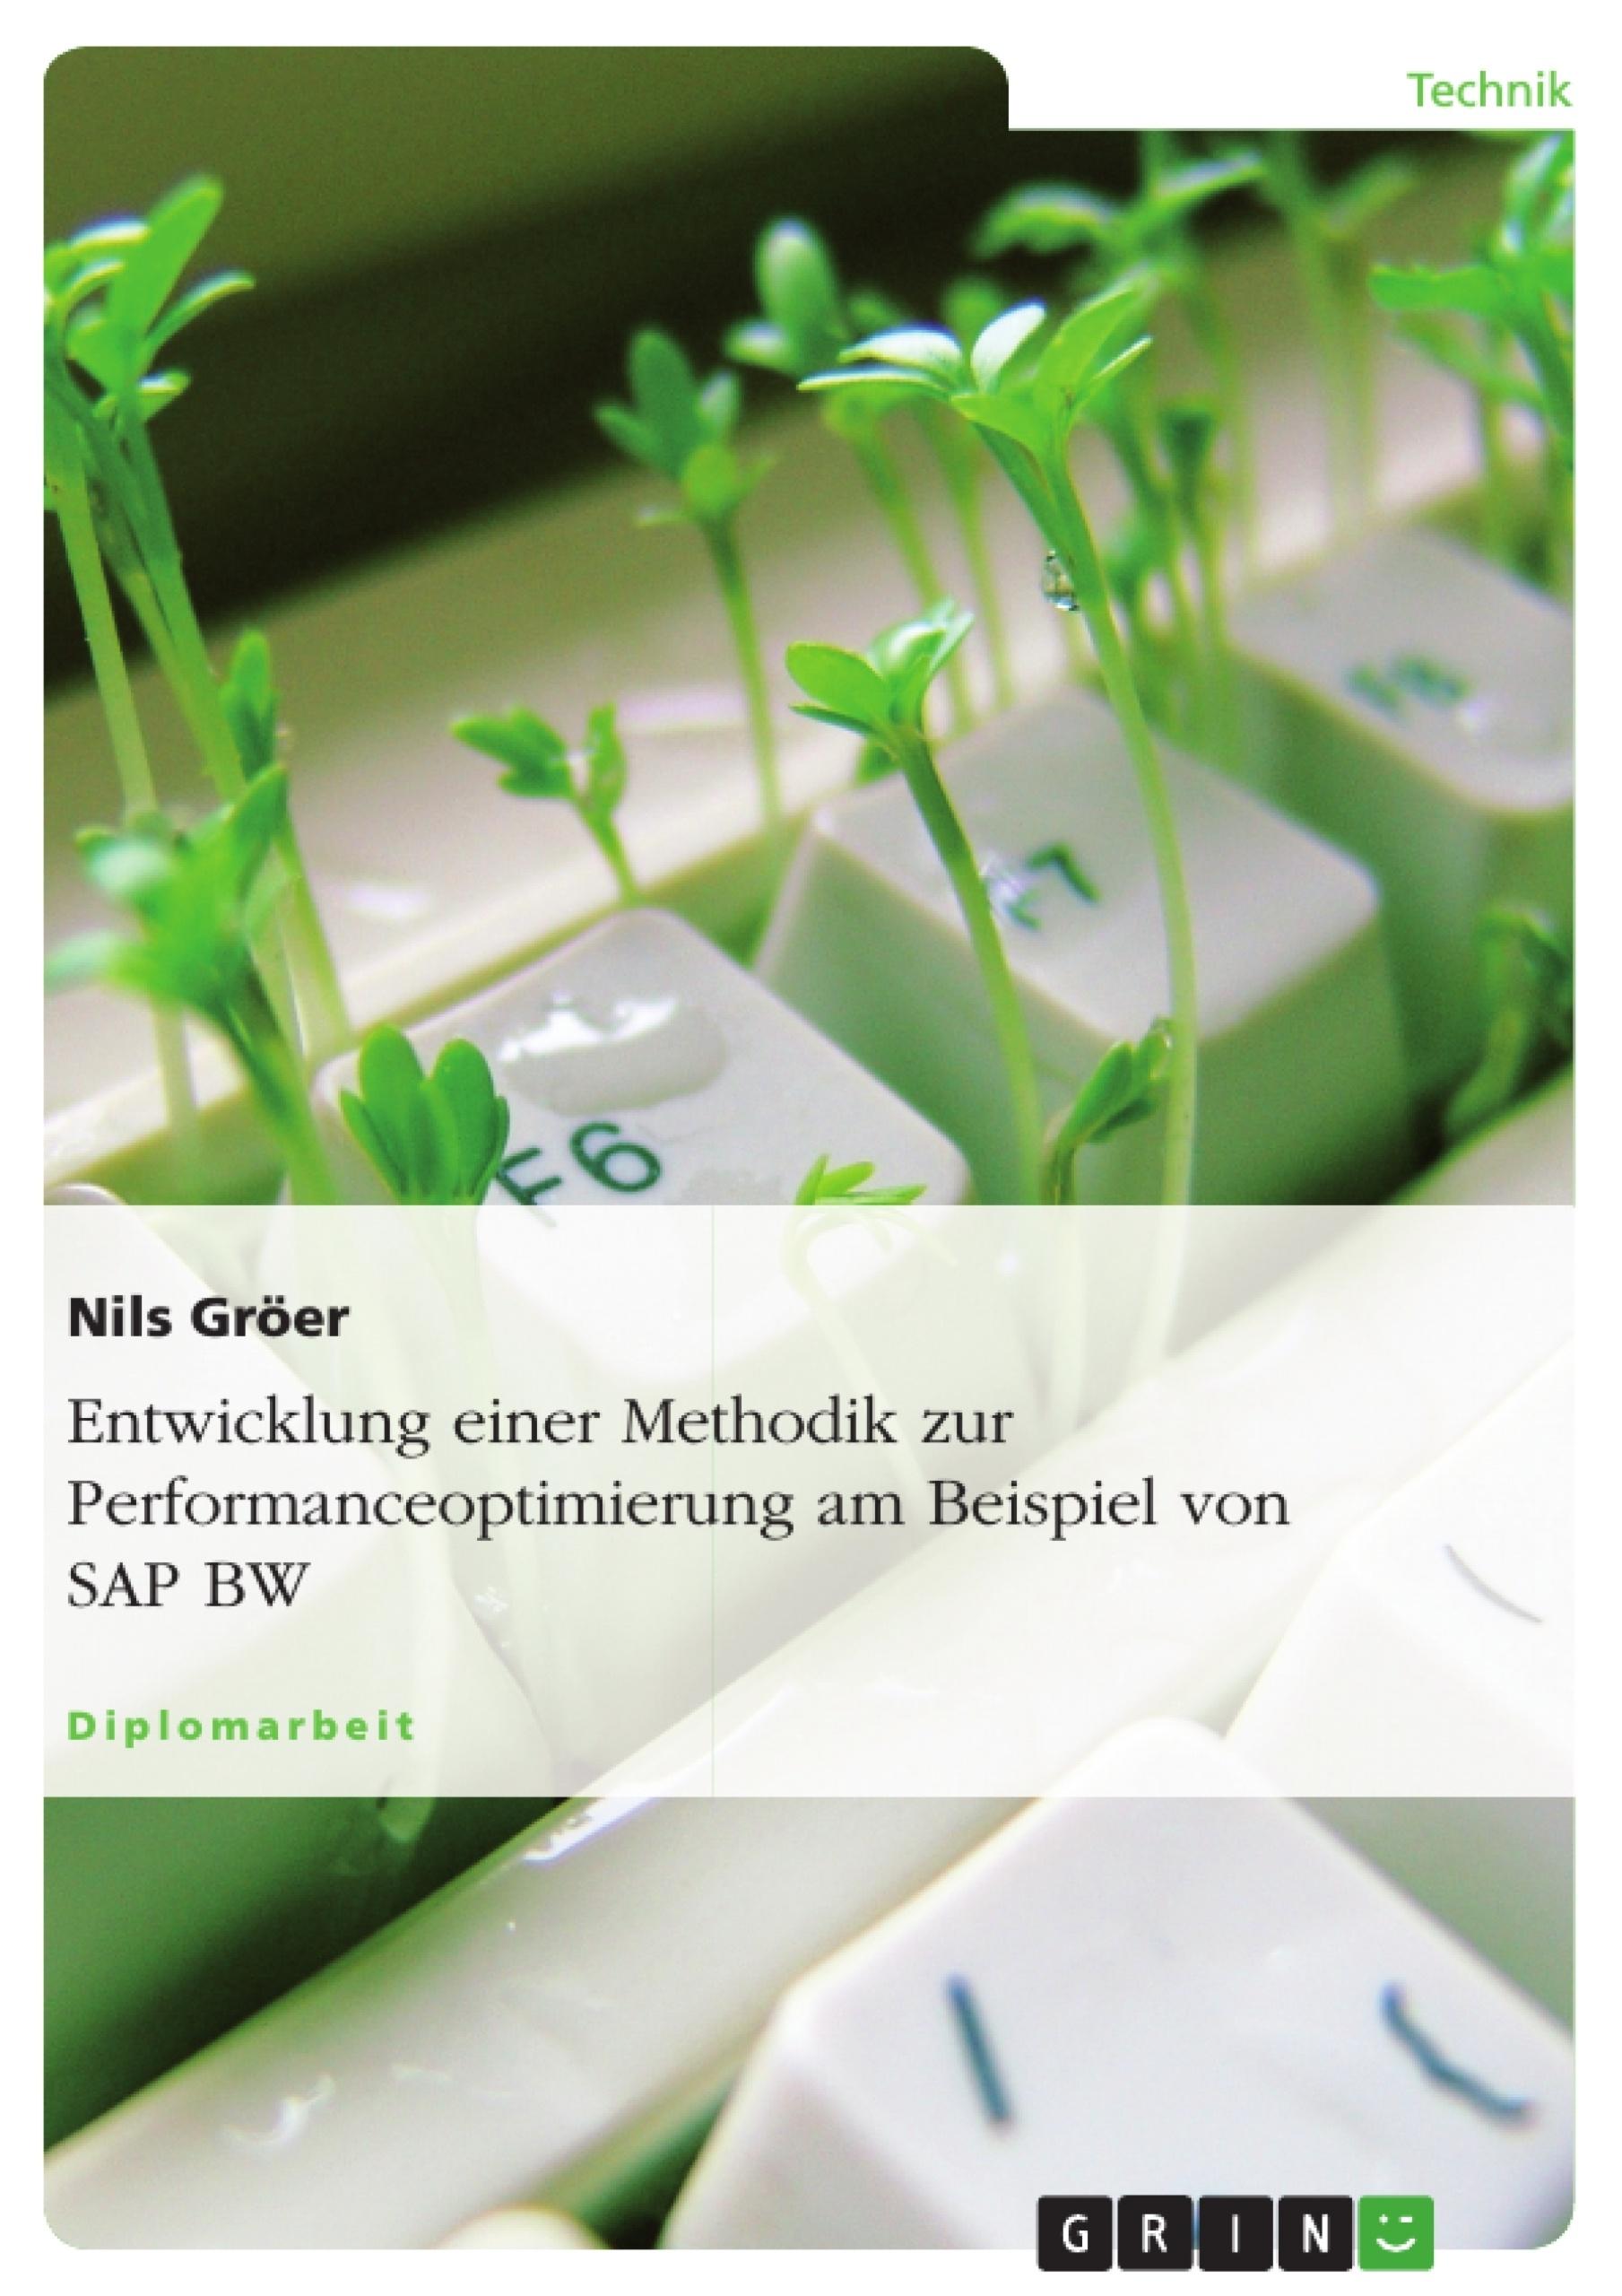 Titel: Entwicklung einer Methodik zur Performanceoptimierung am Beispiel von SAP BW